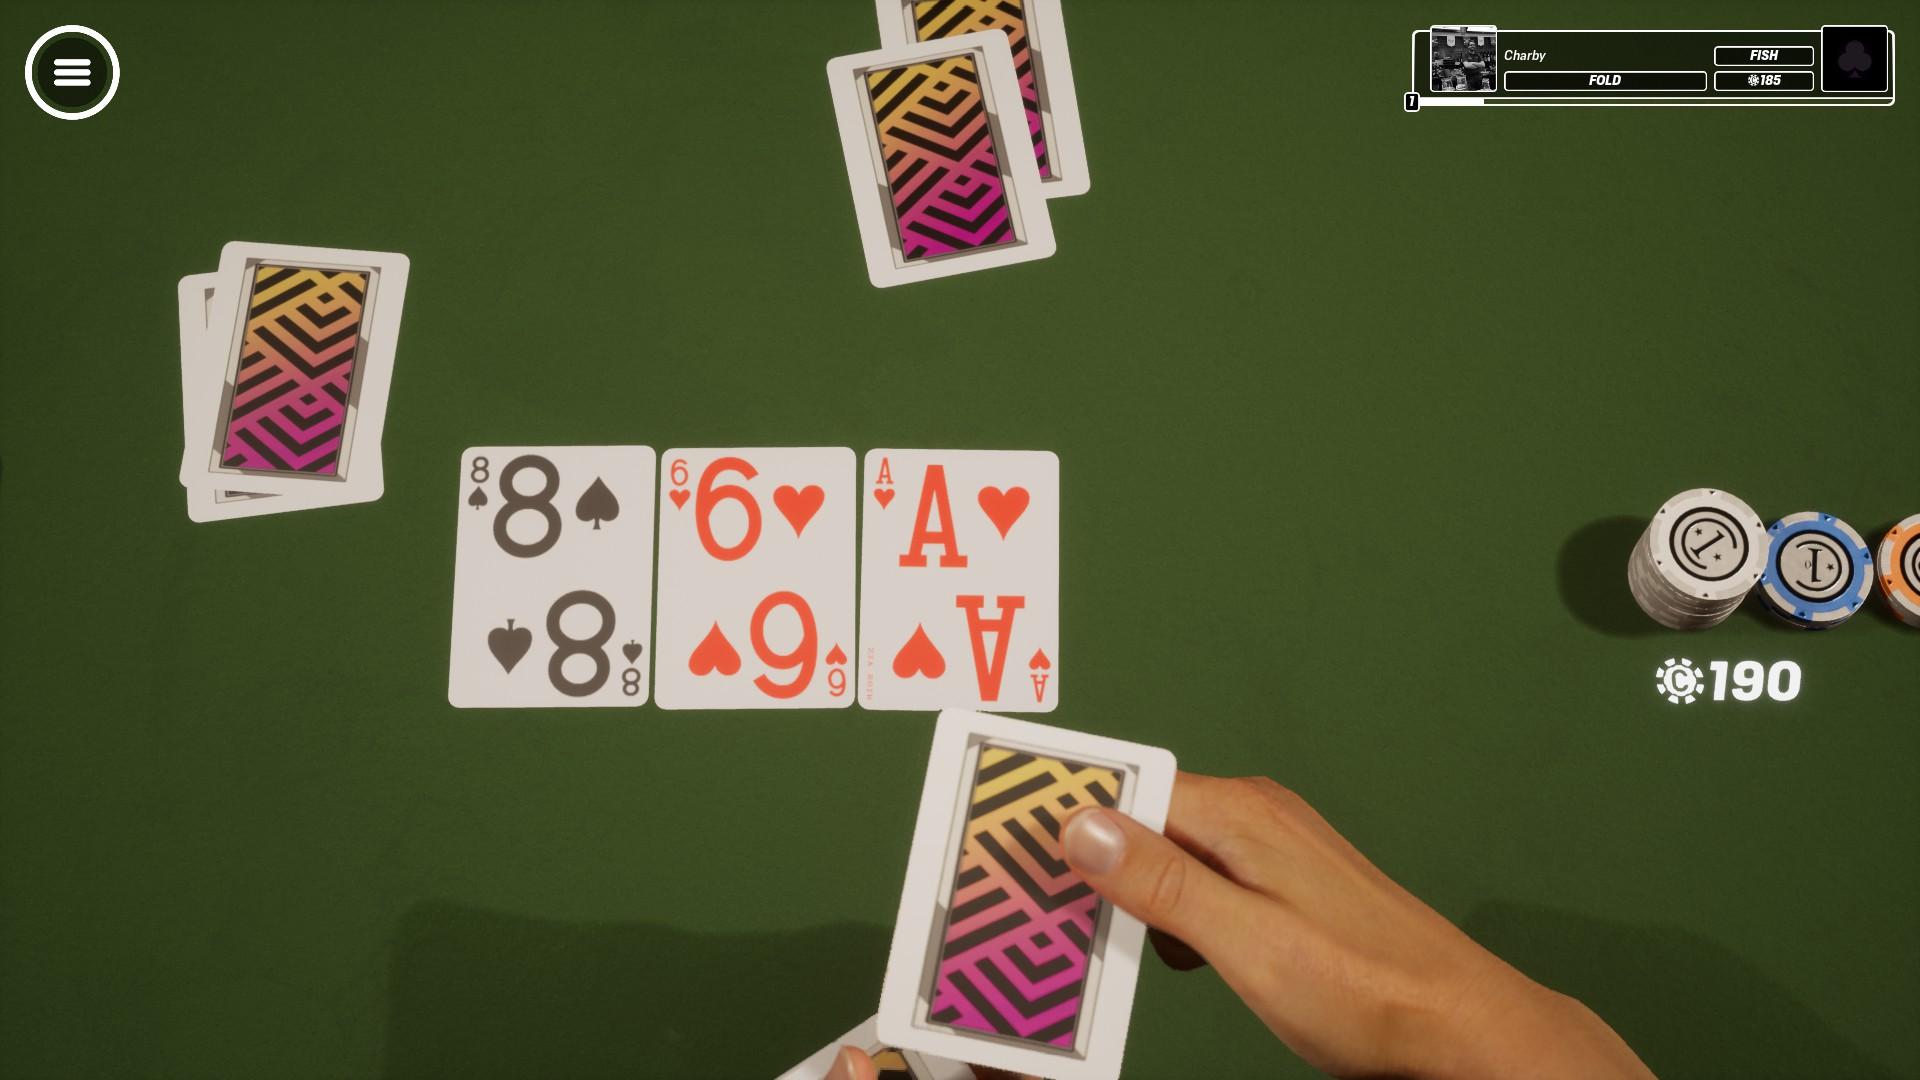 La vue est changé à chaque fois que de nouvelles cartes sont mises sur la table.